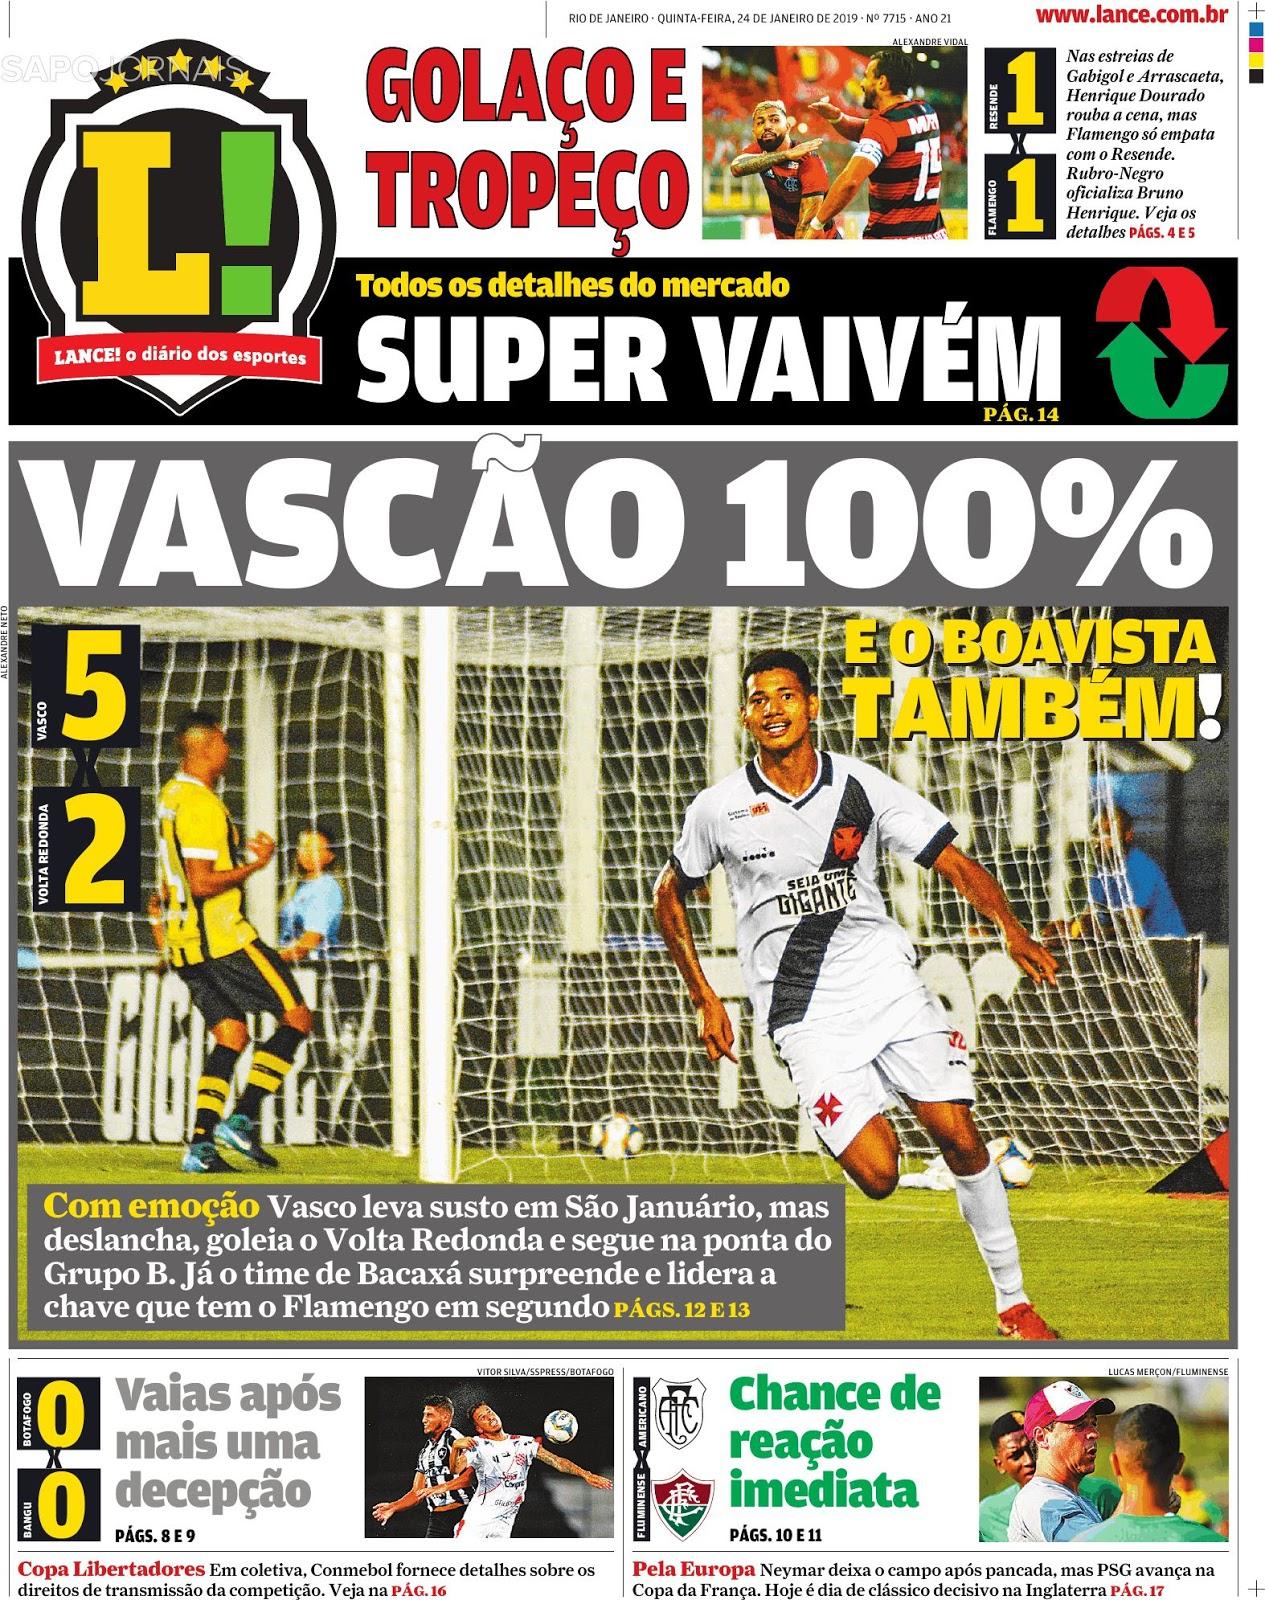 993477a5e1 Jornal do Brasil - O Vasco chegou a dar um susto em sua torcida nesta  quarta-feira